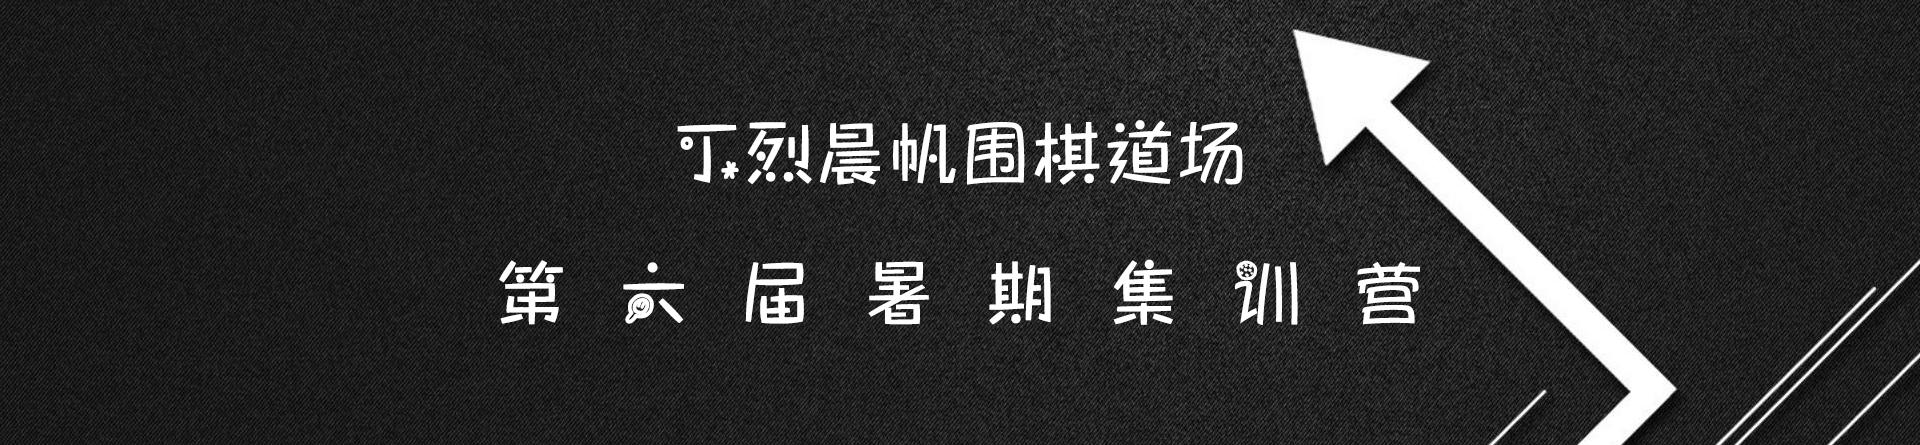 丁烈晨帆围棋道场第六届暑期集训营